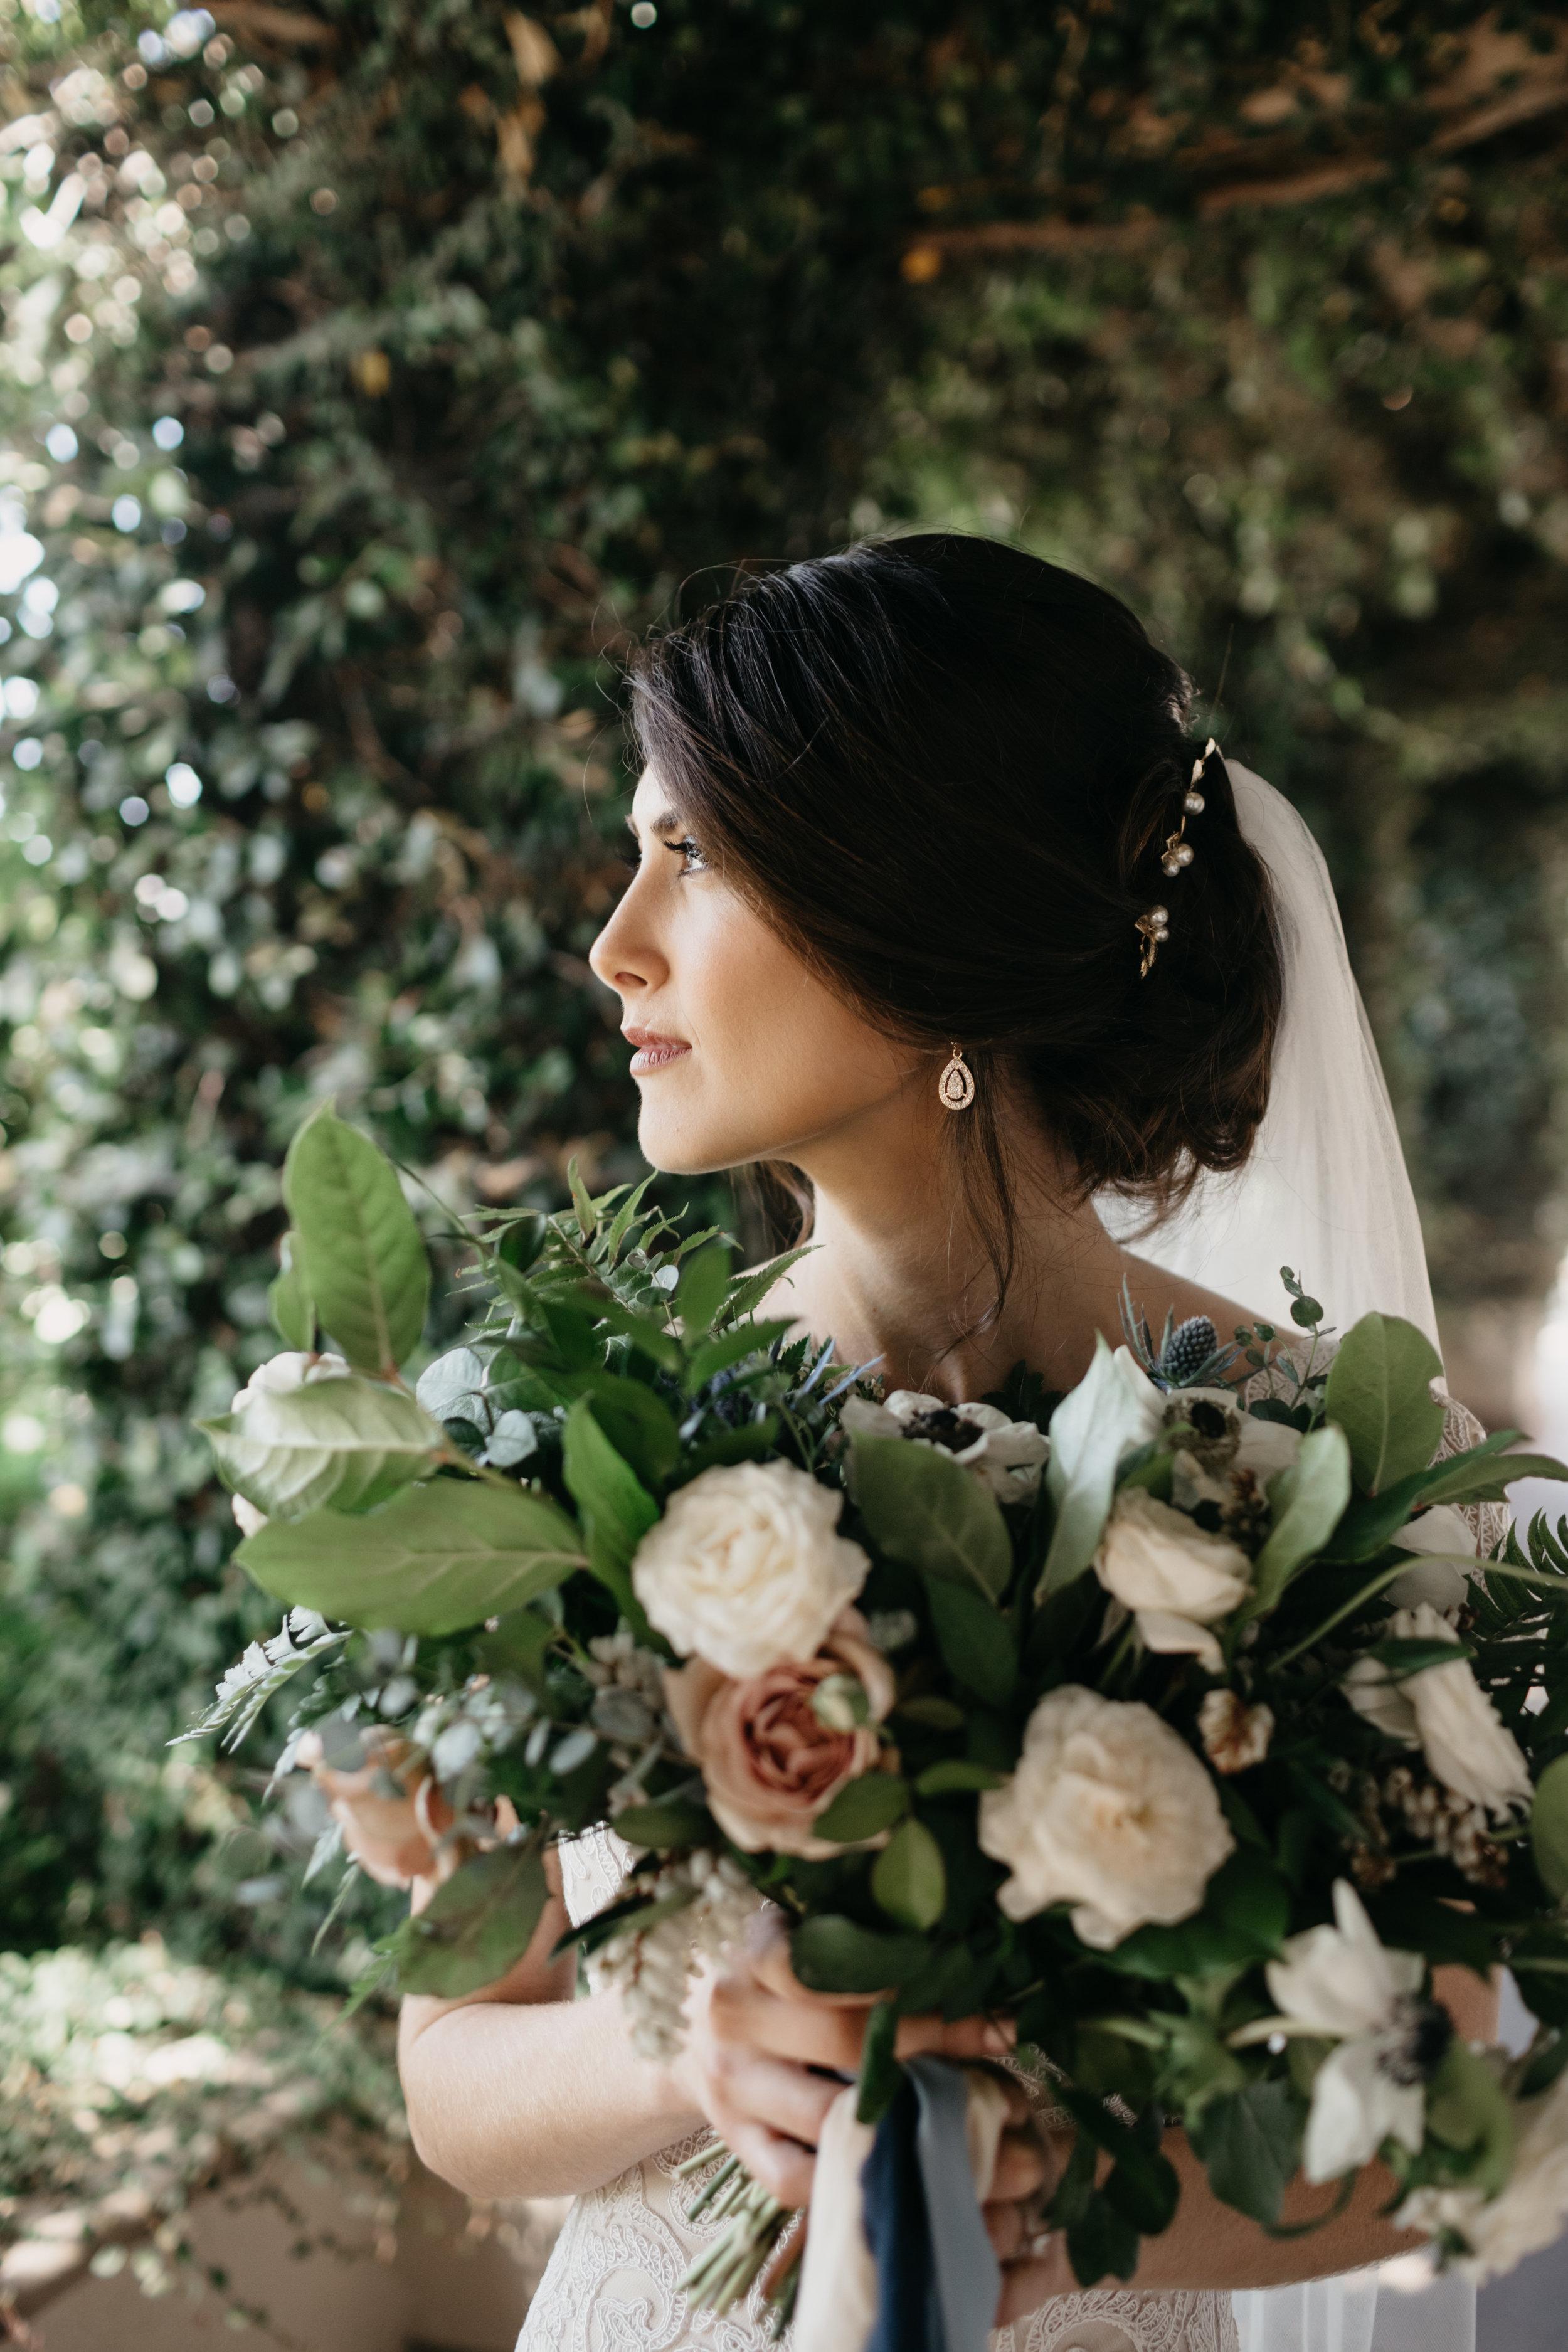 Sep.-Ungersma Wedding-348.jpg